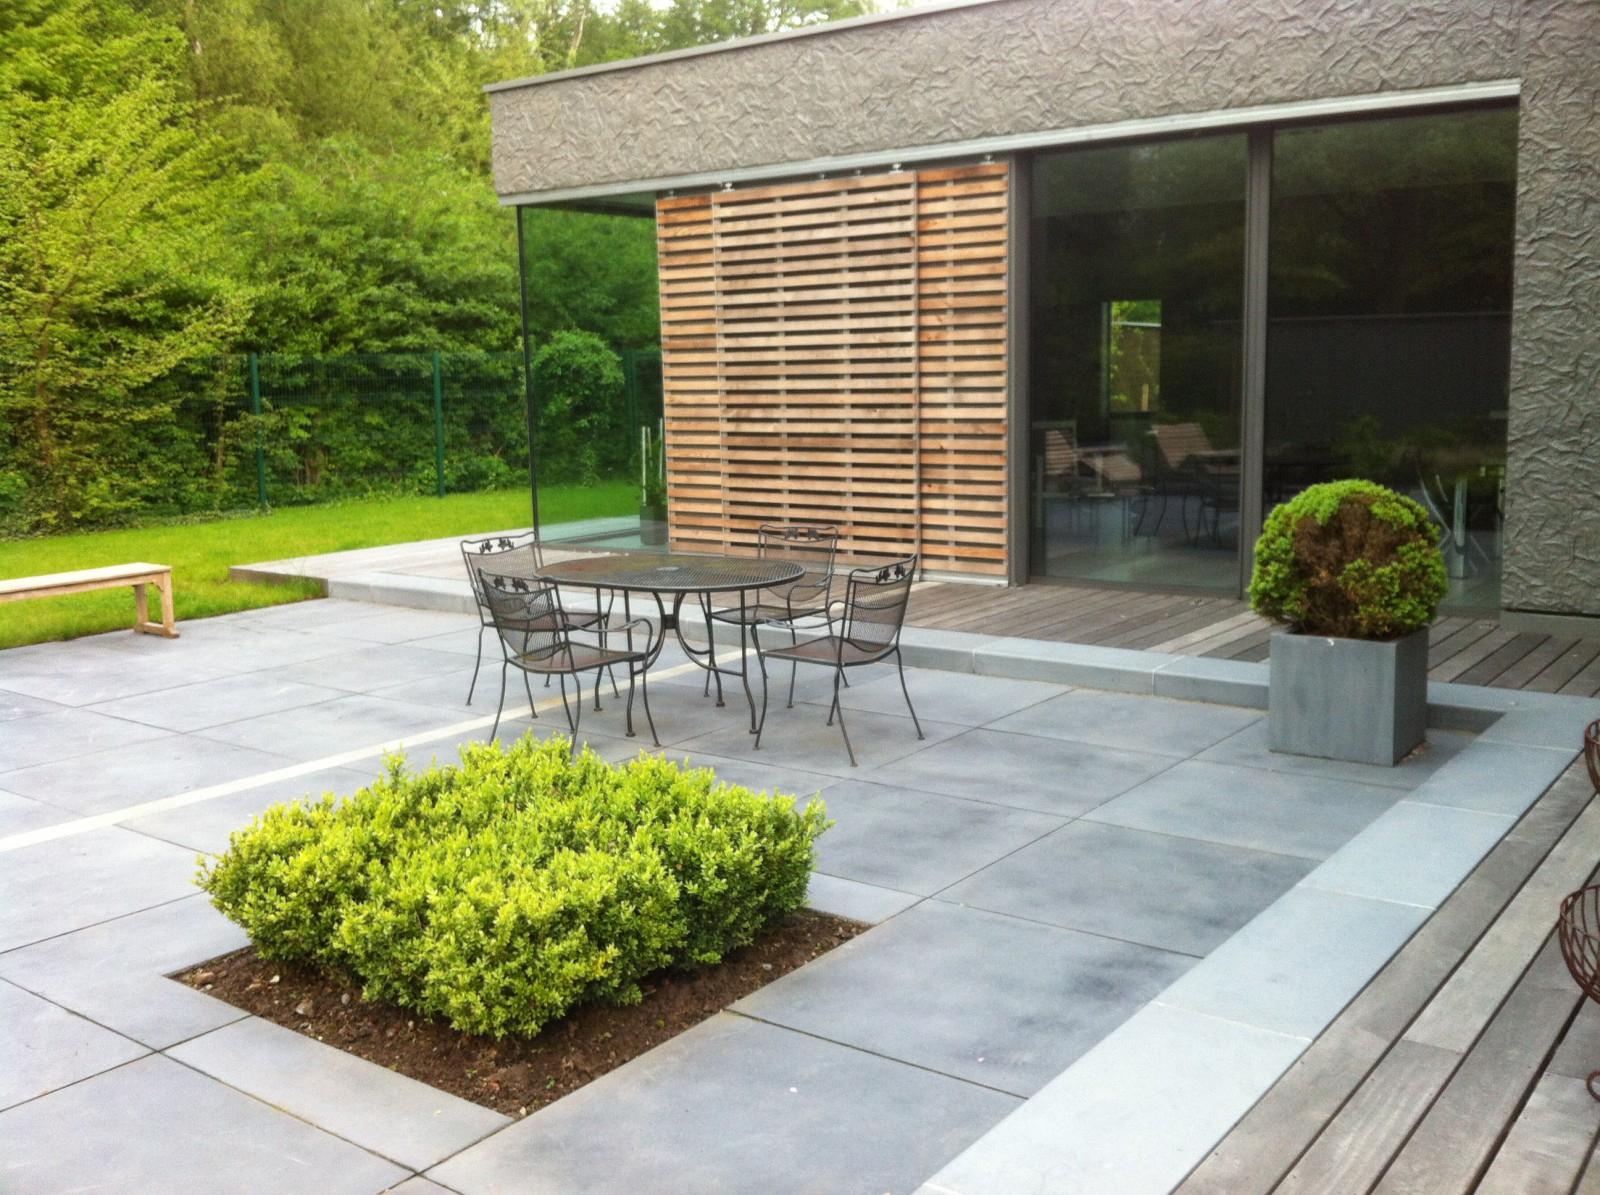 Terrasse Exterieur Beton Conception - Idees Conception Jardin dedans Amenagement De Terrasse Exterieure